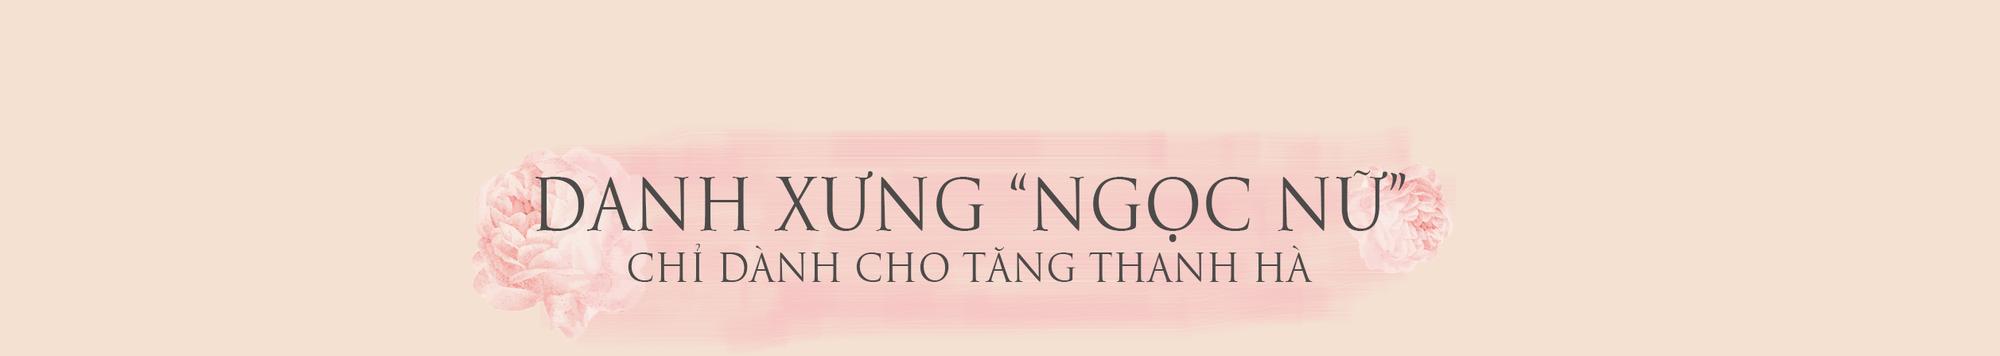 Ninh Dương Lan Ngọc: Tôi không cảm tính và dễ trúng tiếng sét ái tình - Ảnh 3.